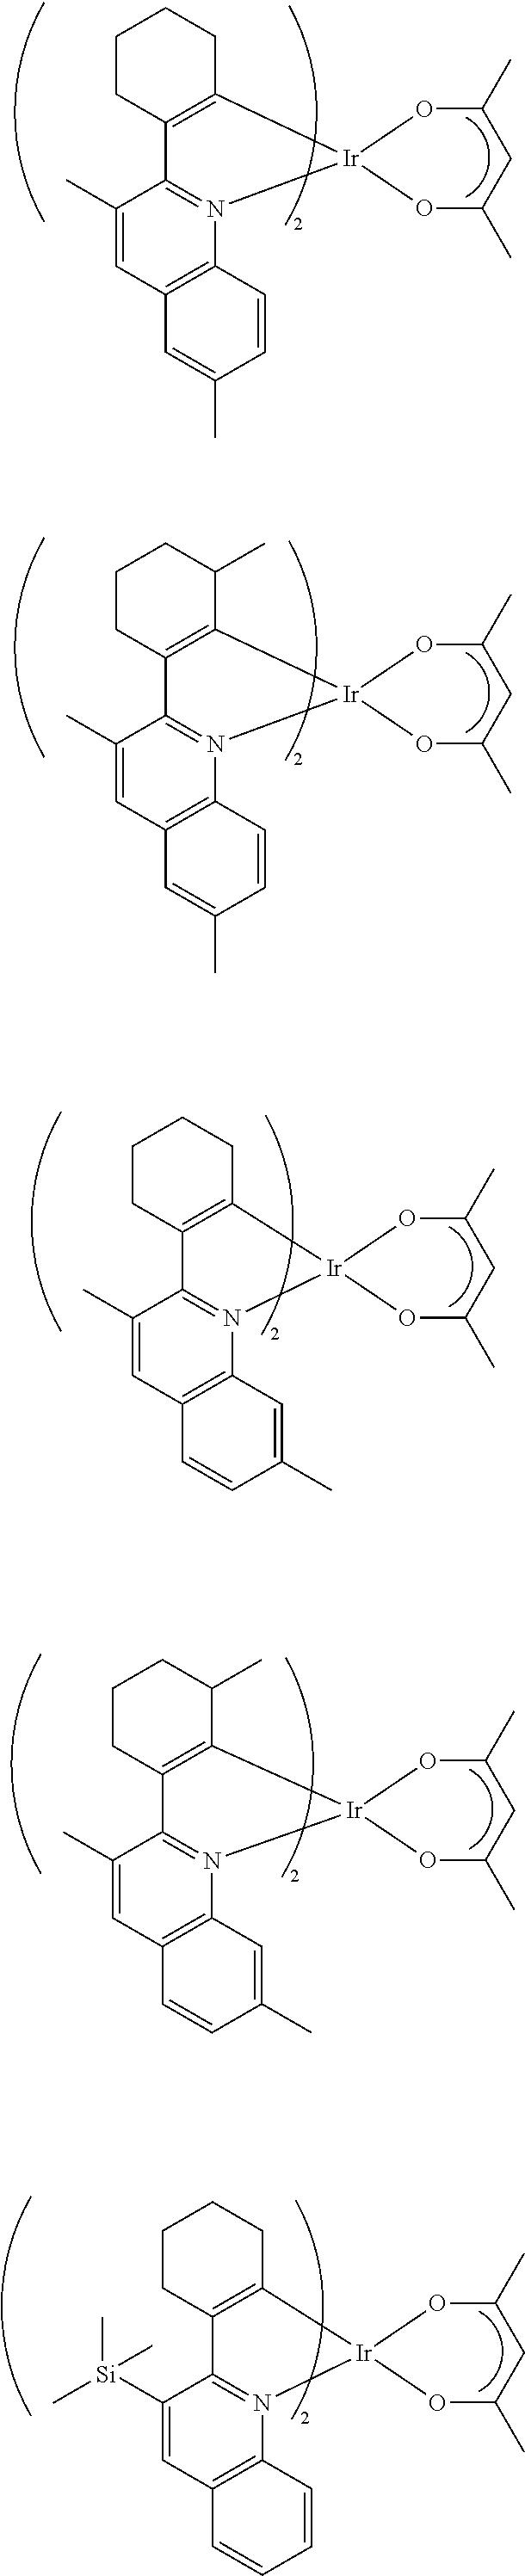 Figure US09324958-20160426-C00061